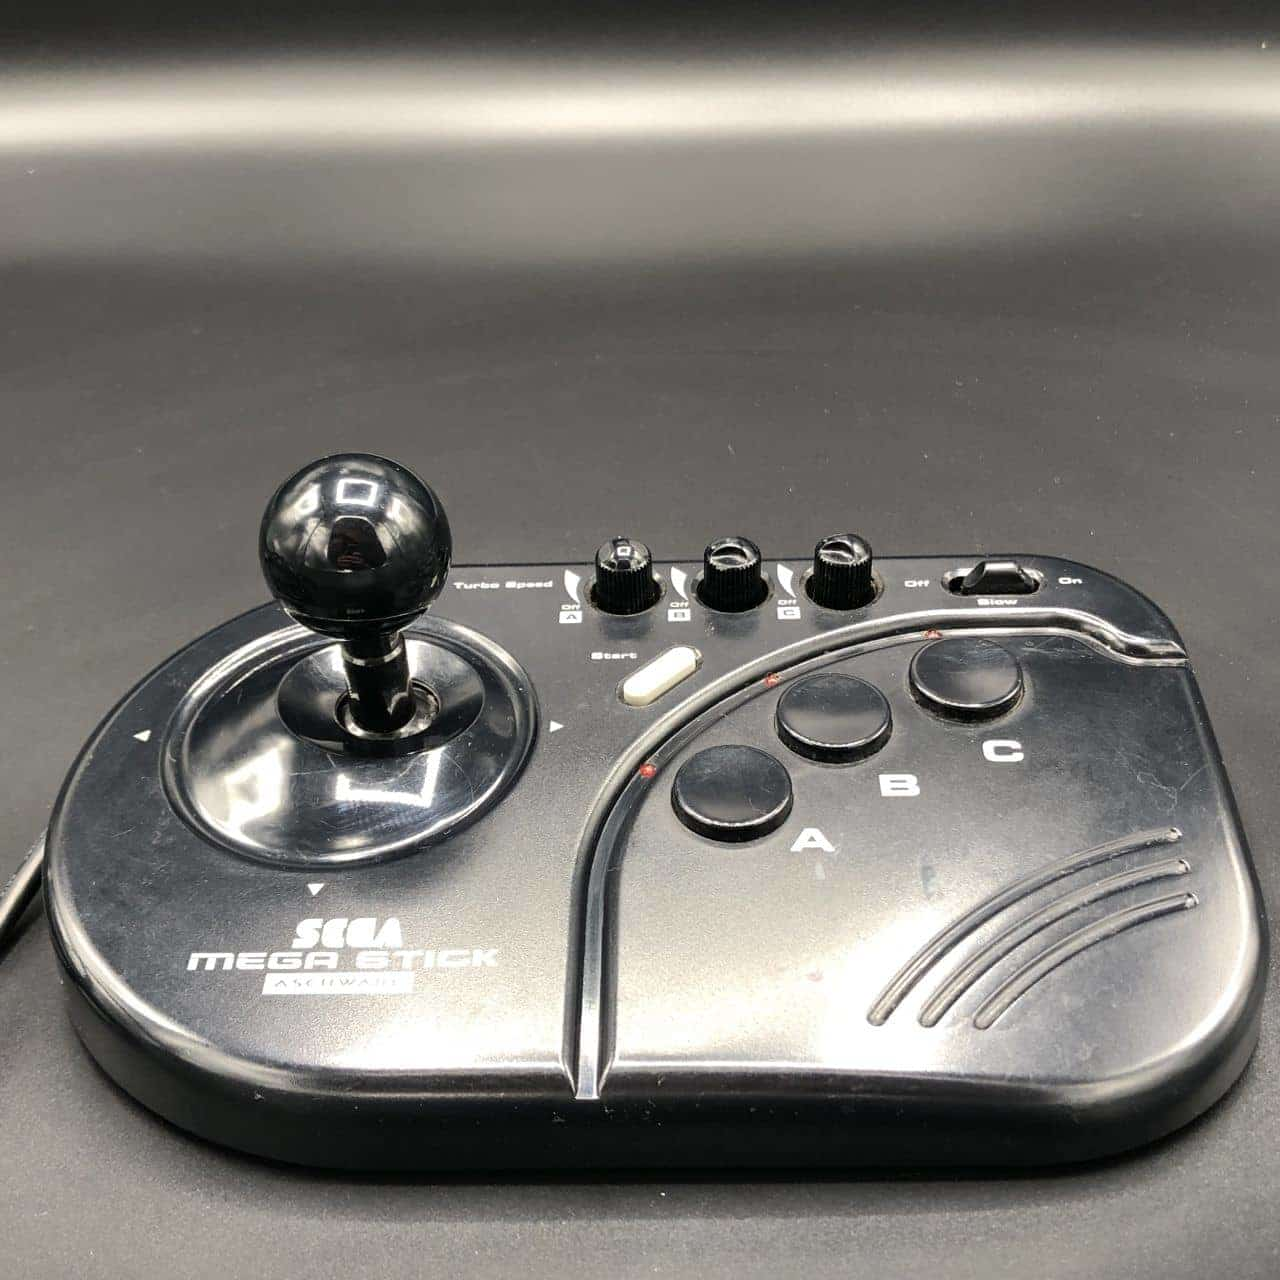 Original Sega Mega Stick, Asciiware, Arcade Stick, Controller (Gut) Mega Drive